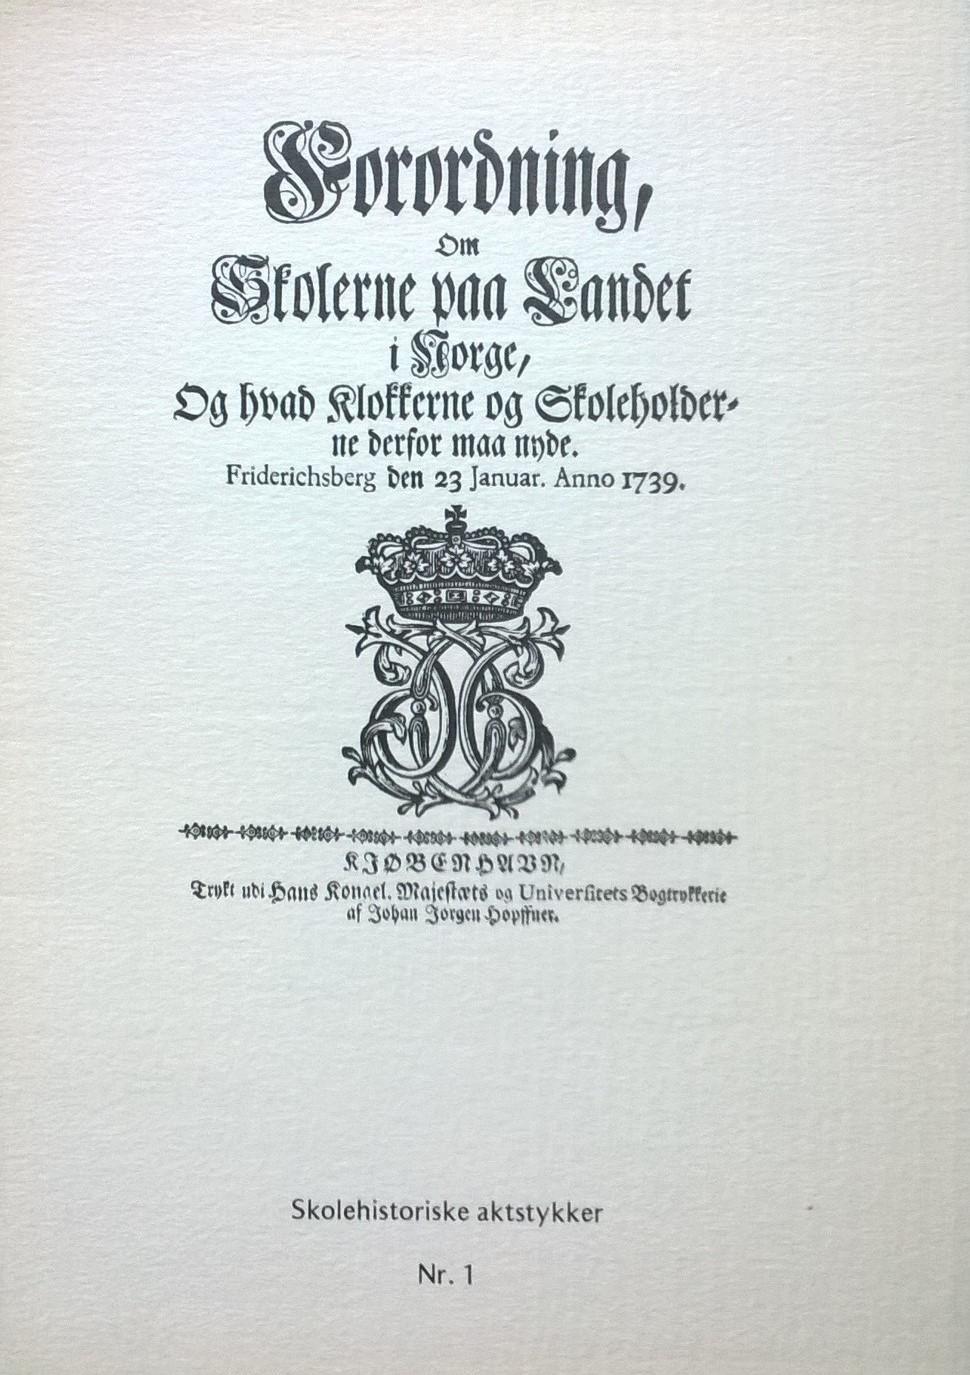 Forordning Forordning, om Skolerne paa Landet i Norge, og hvad Klokkerne og Skoleholderne derfor maa nyde: Friderichsberg den 23 Januar. Anno 1739